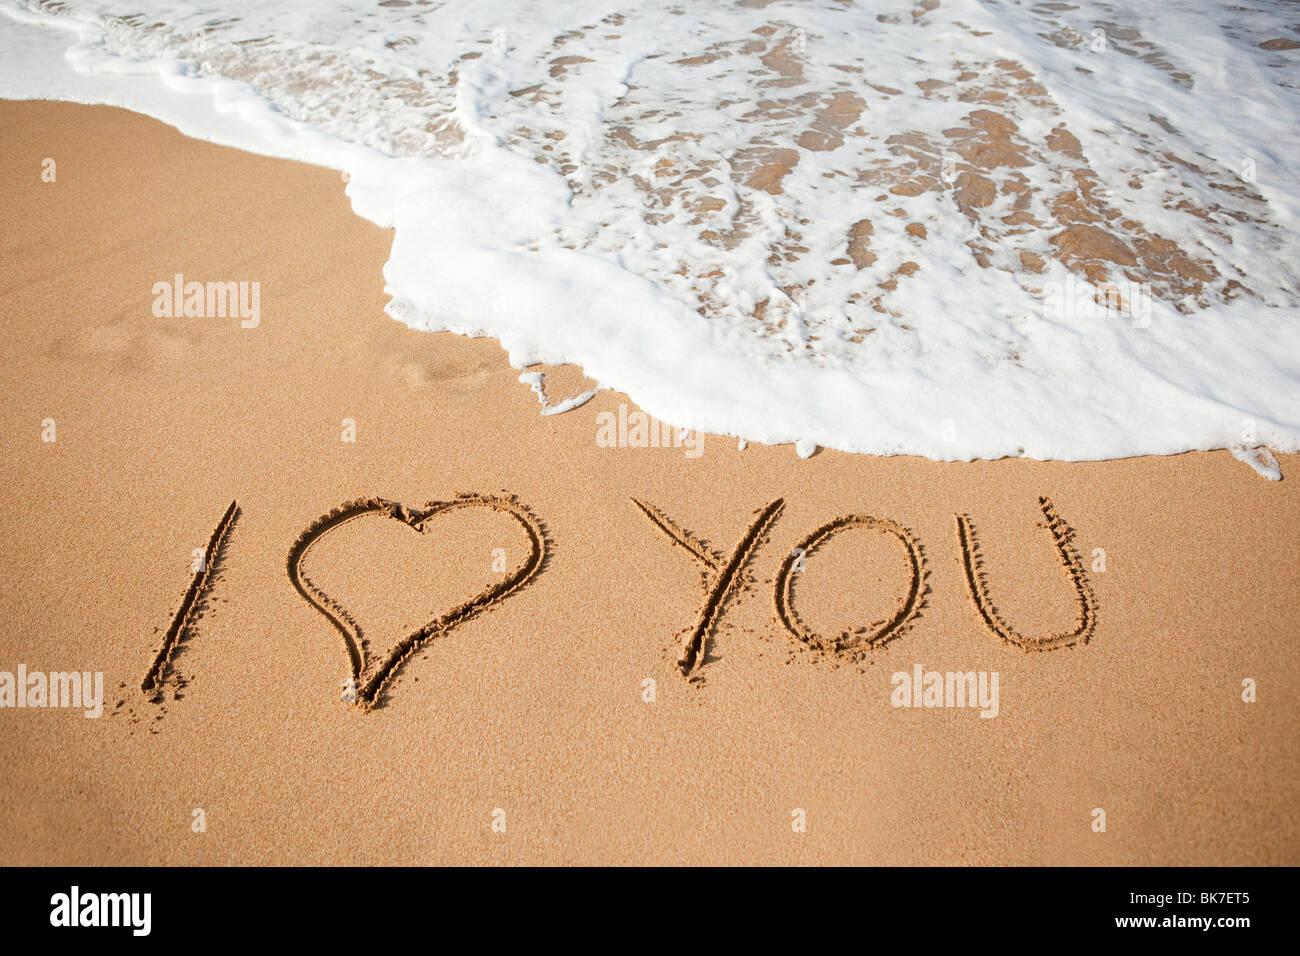 Mensajes De Amor Escritos En La Arena: I Love You Imágenes De Stock & I Love You Fotos De Stock